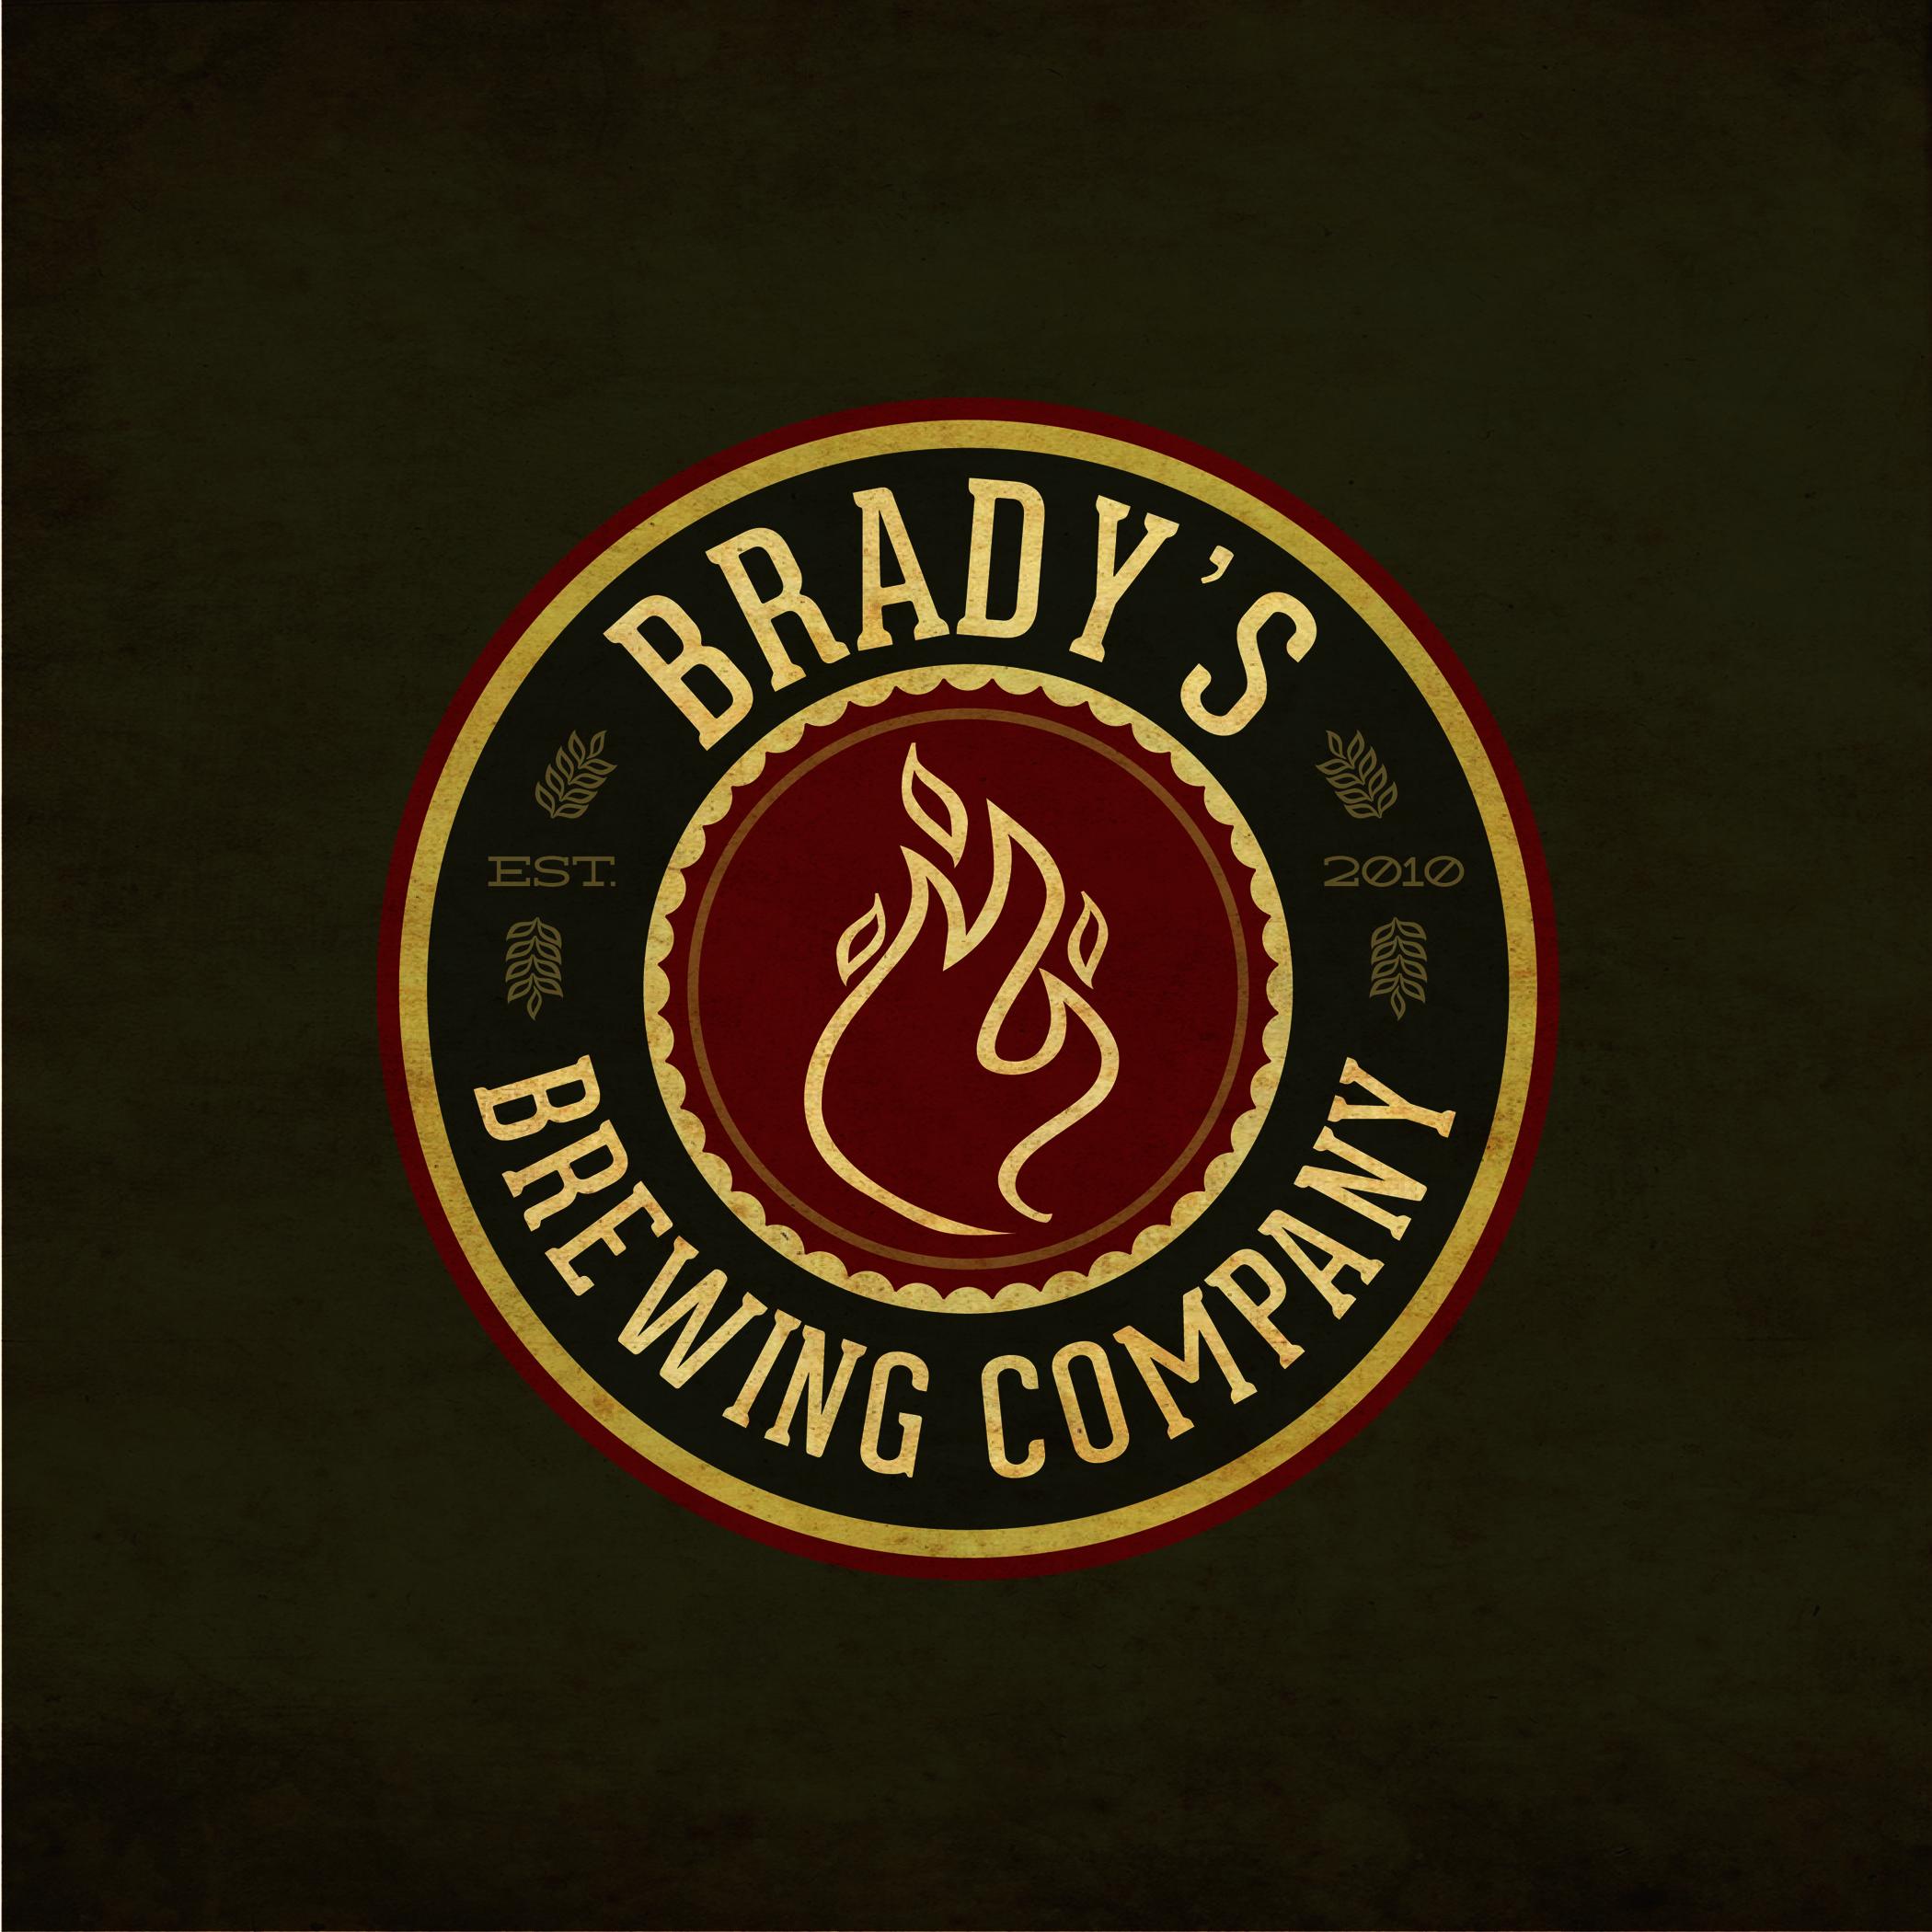 BradysBrewingCo_LogoFinal-Dark.jpg